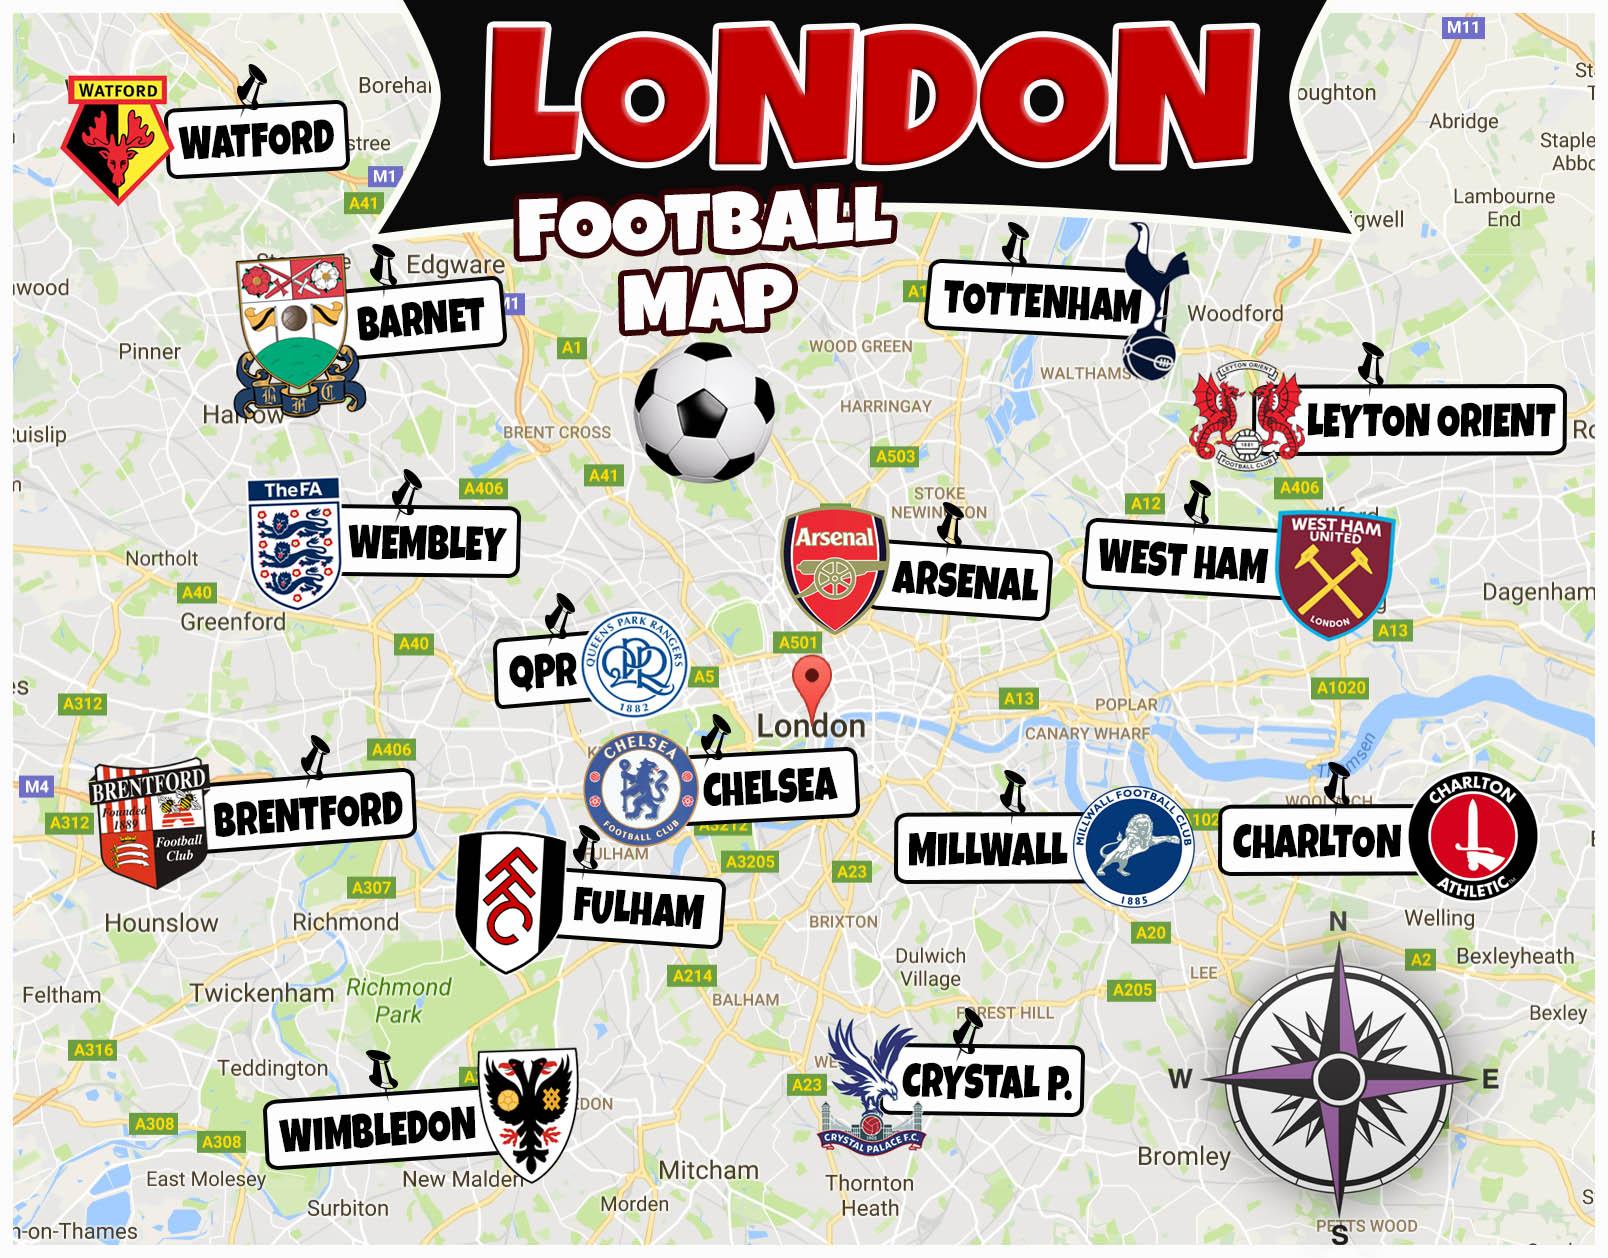 fotbolls karta London